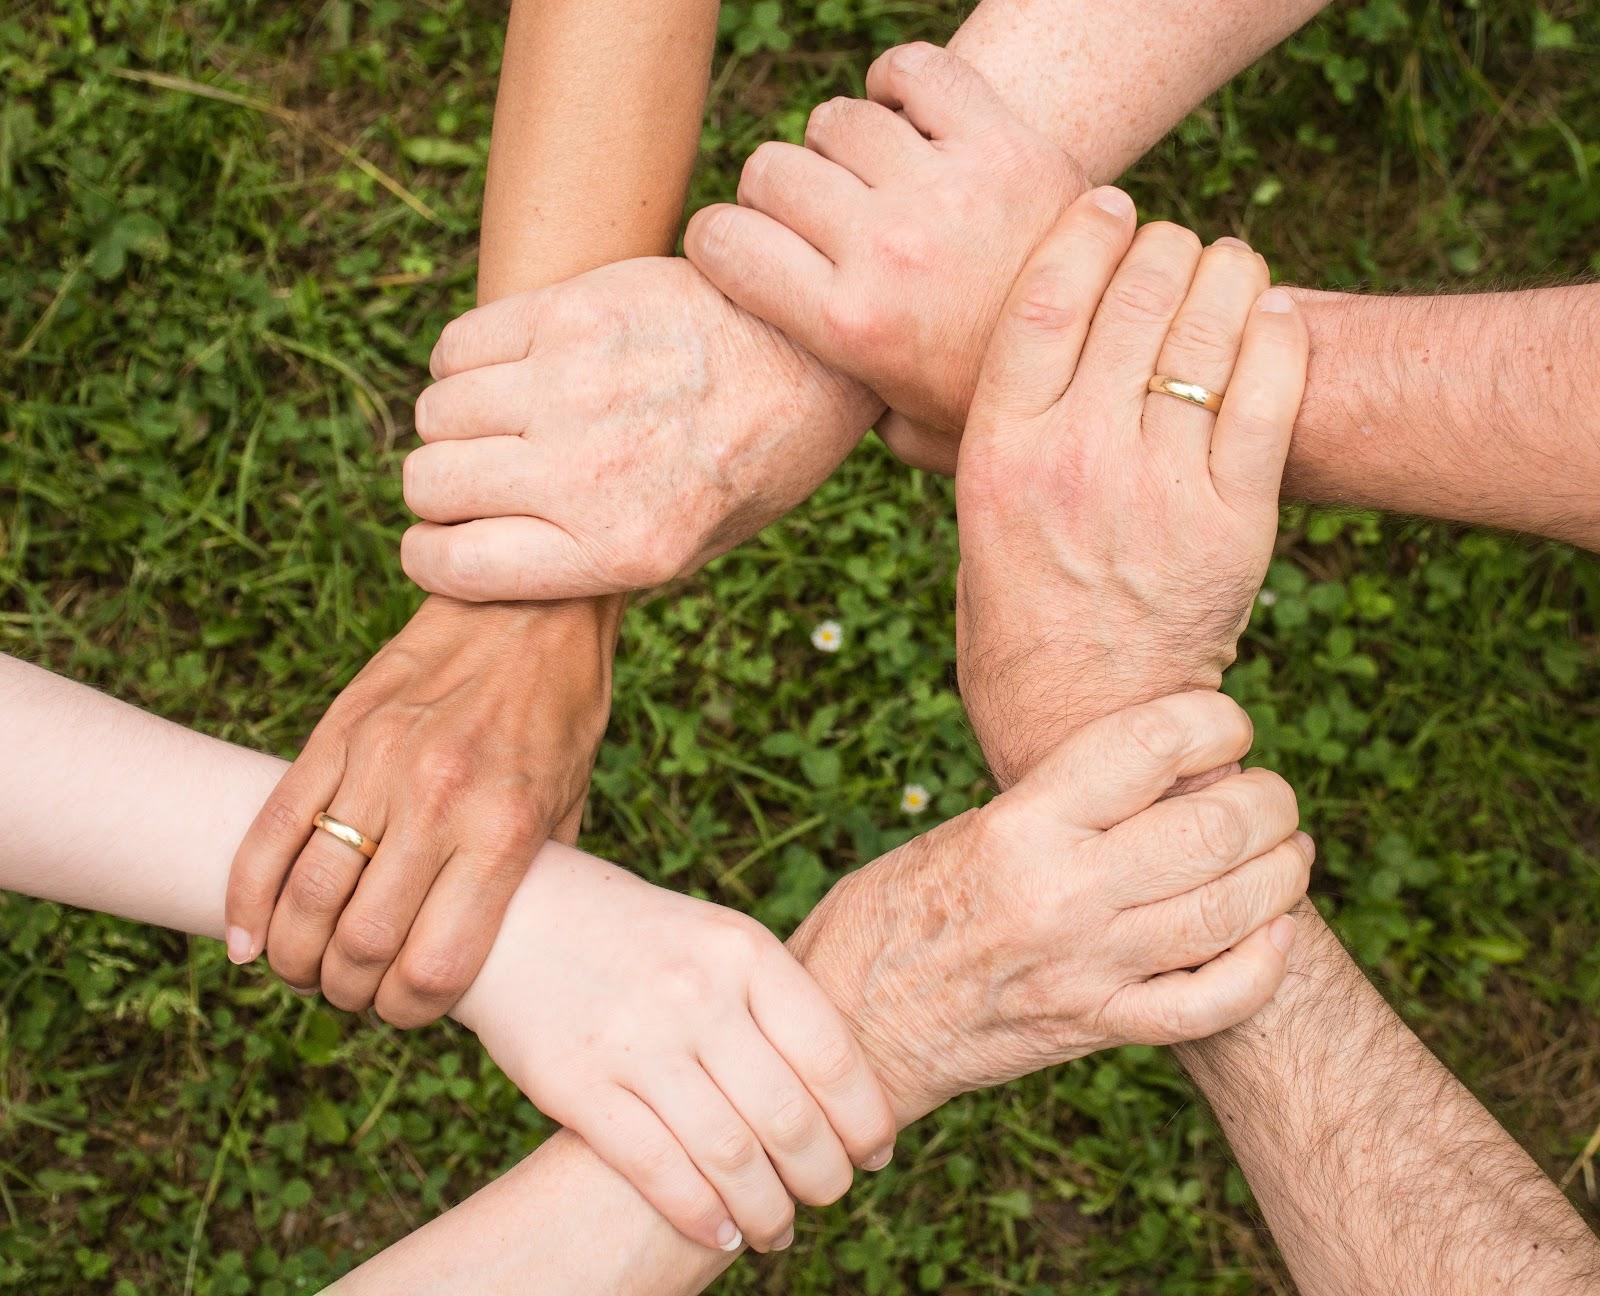 ידיים של משפחה מחזיקות אחת בשניה יוצרות רשת משפחתית